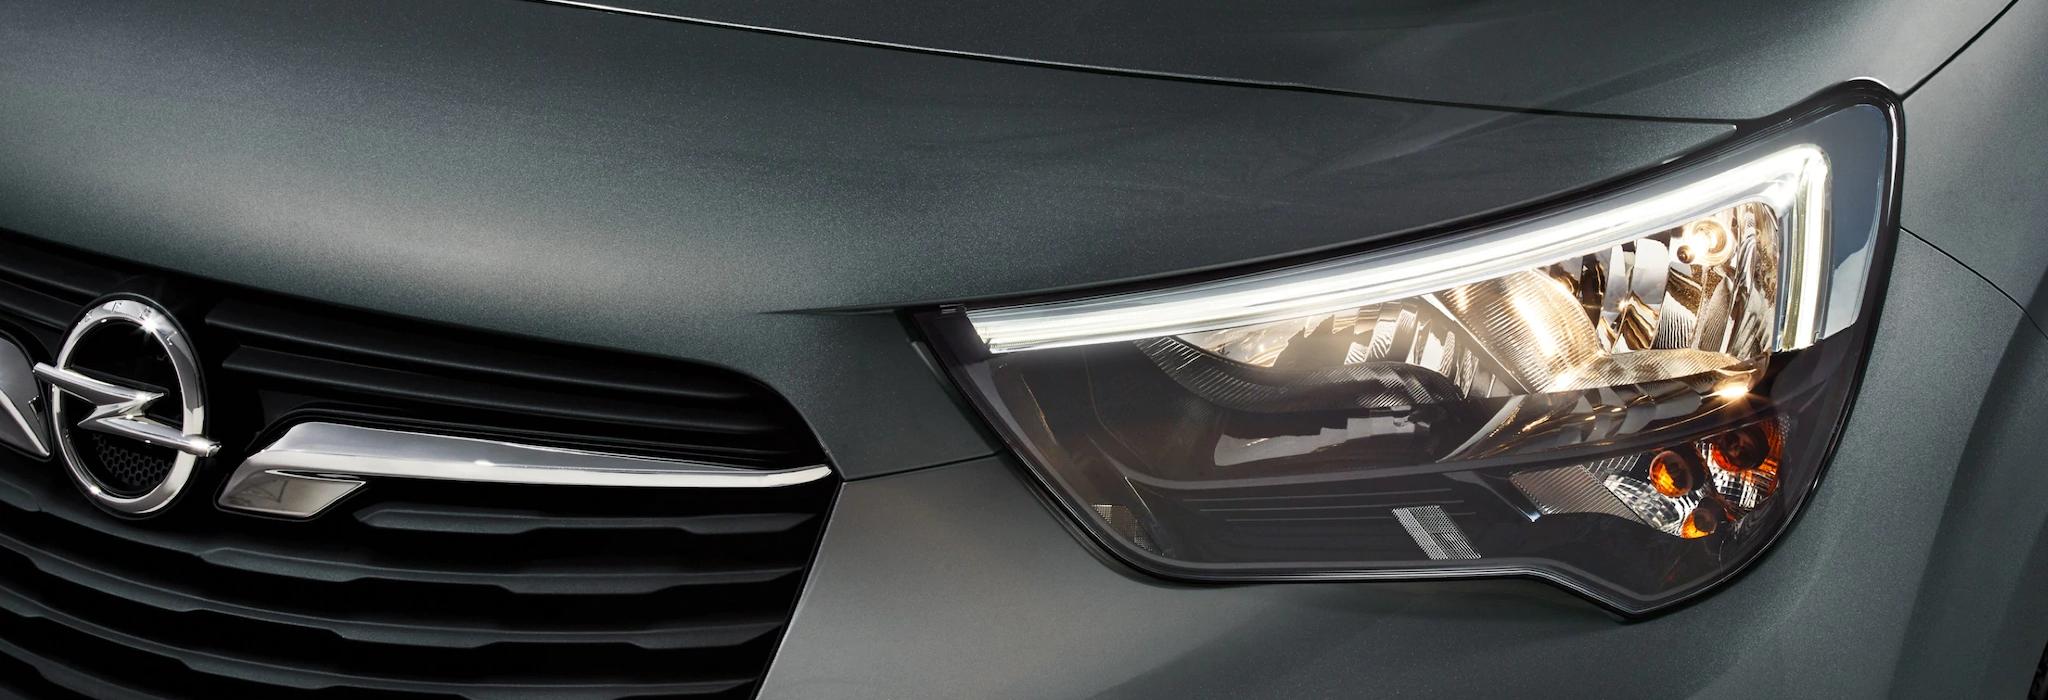 Opel_combo_life_led_daytime_running_lights_21x9_cml18_e01_009